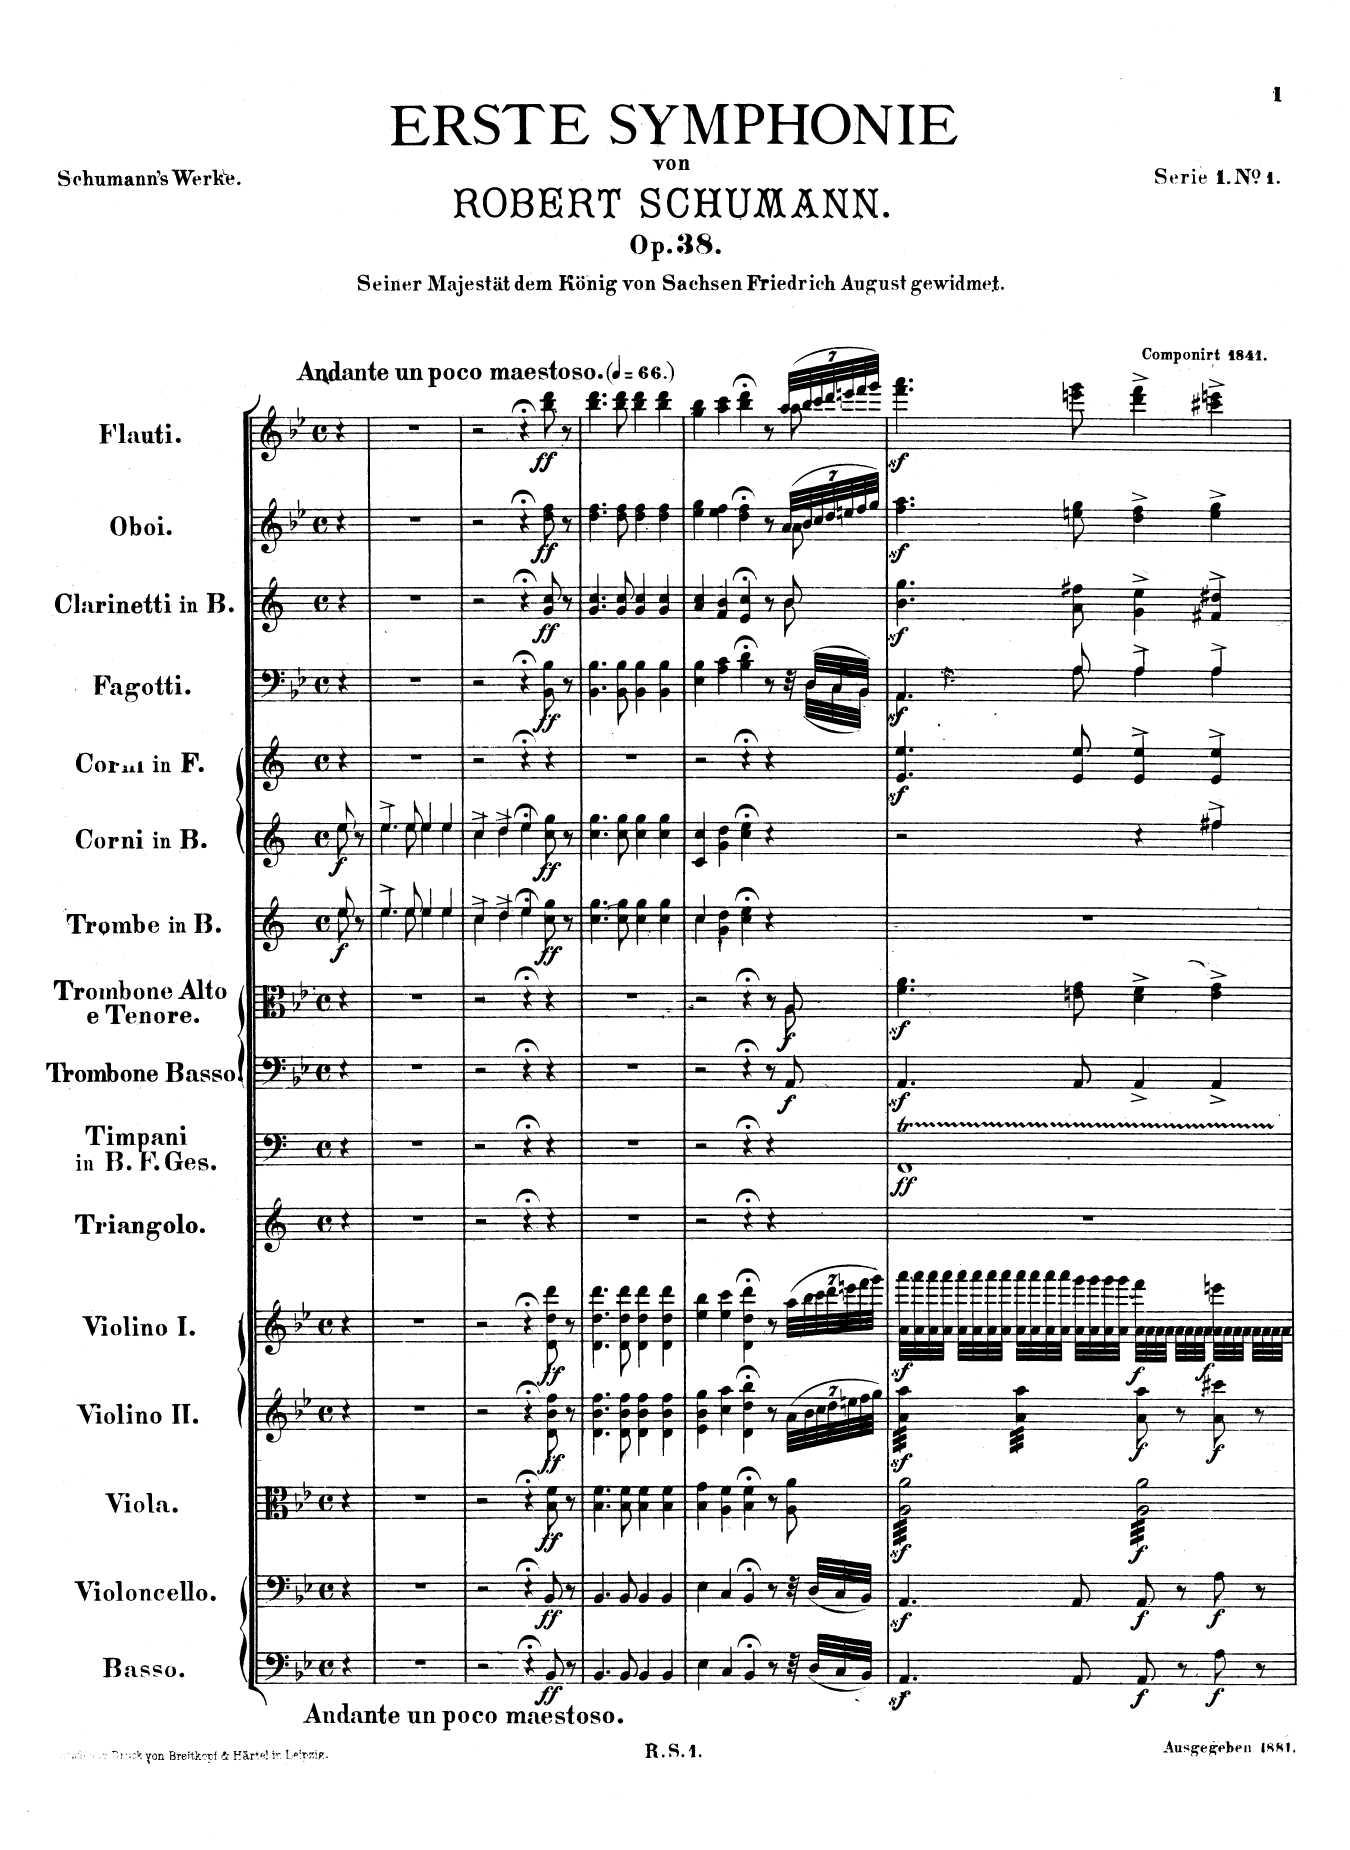 Schumann, op. 38